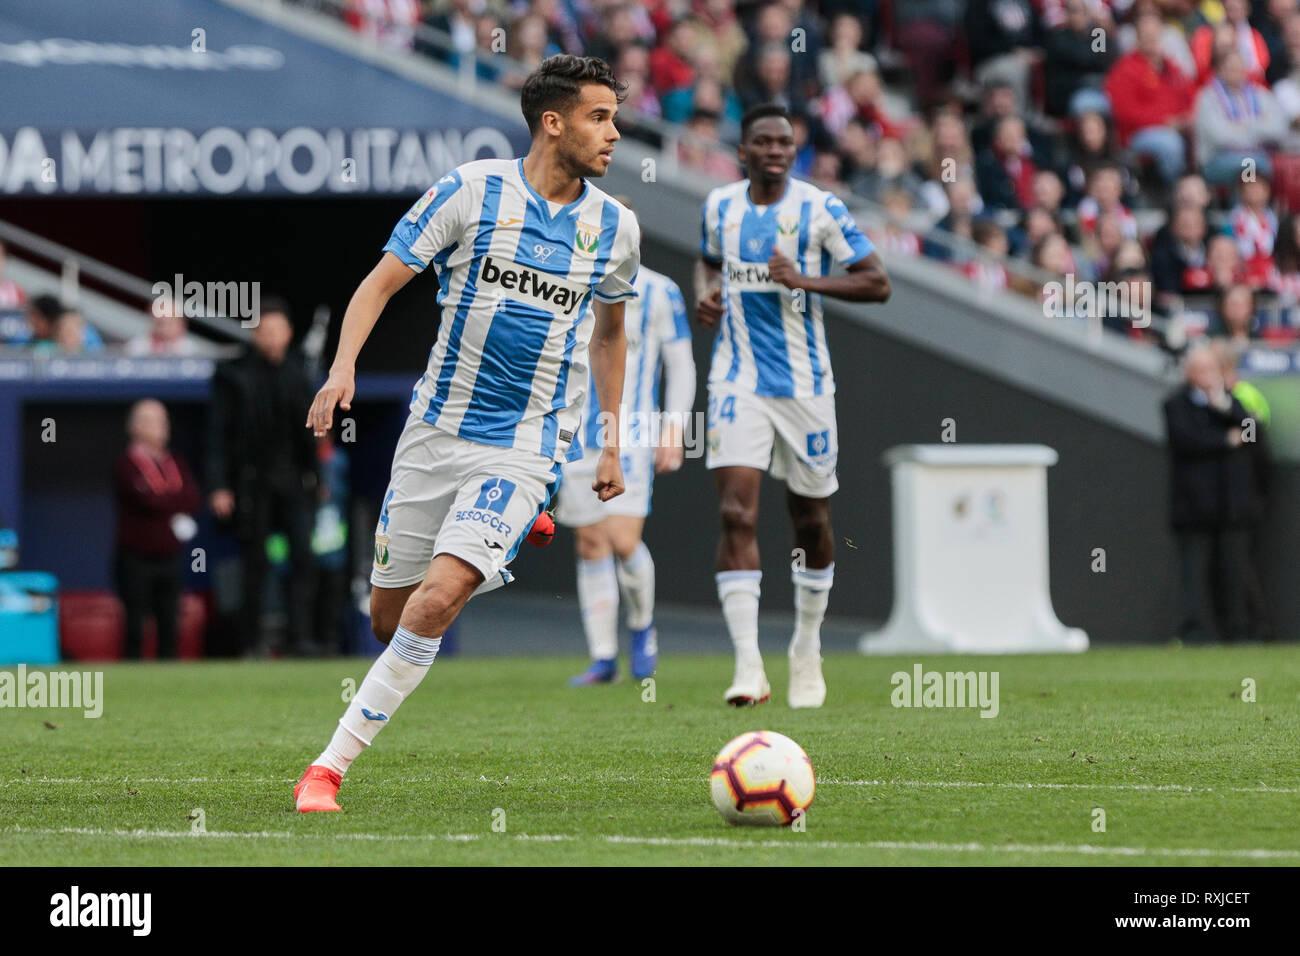 Cd Leganes S Diego Reyes During La Liga Match Between Atletico De